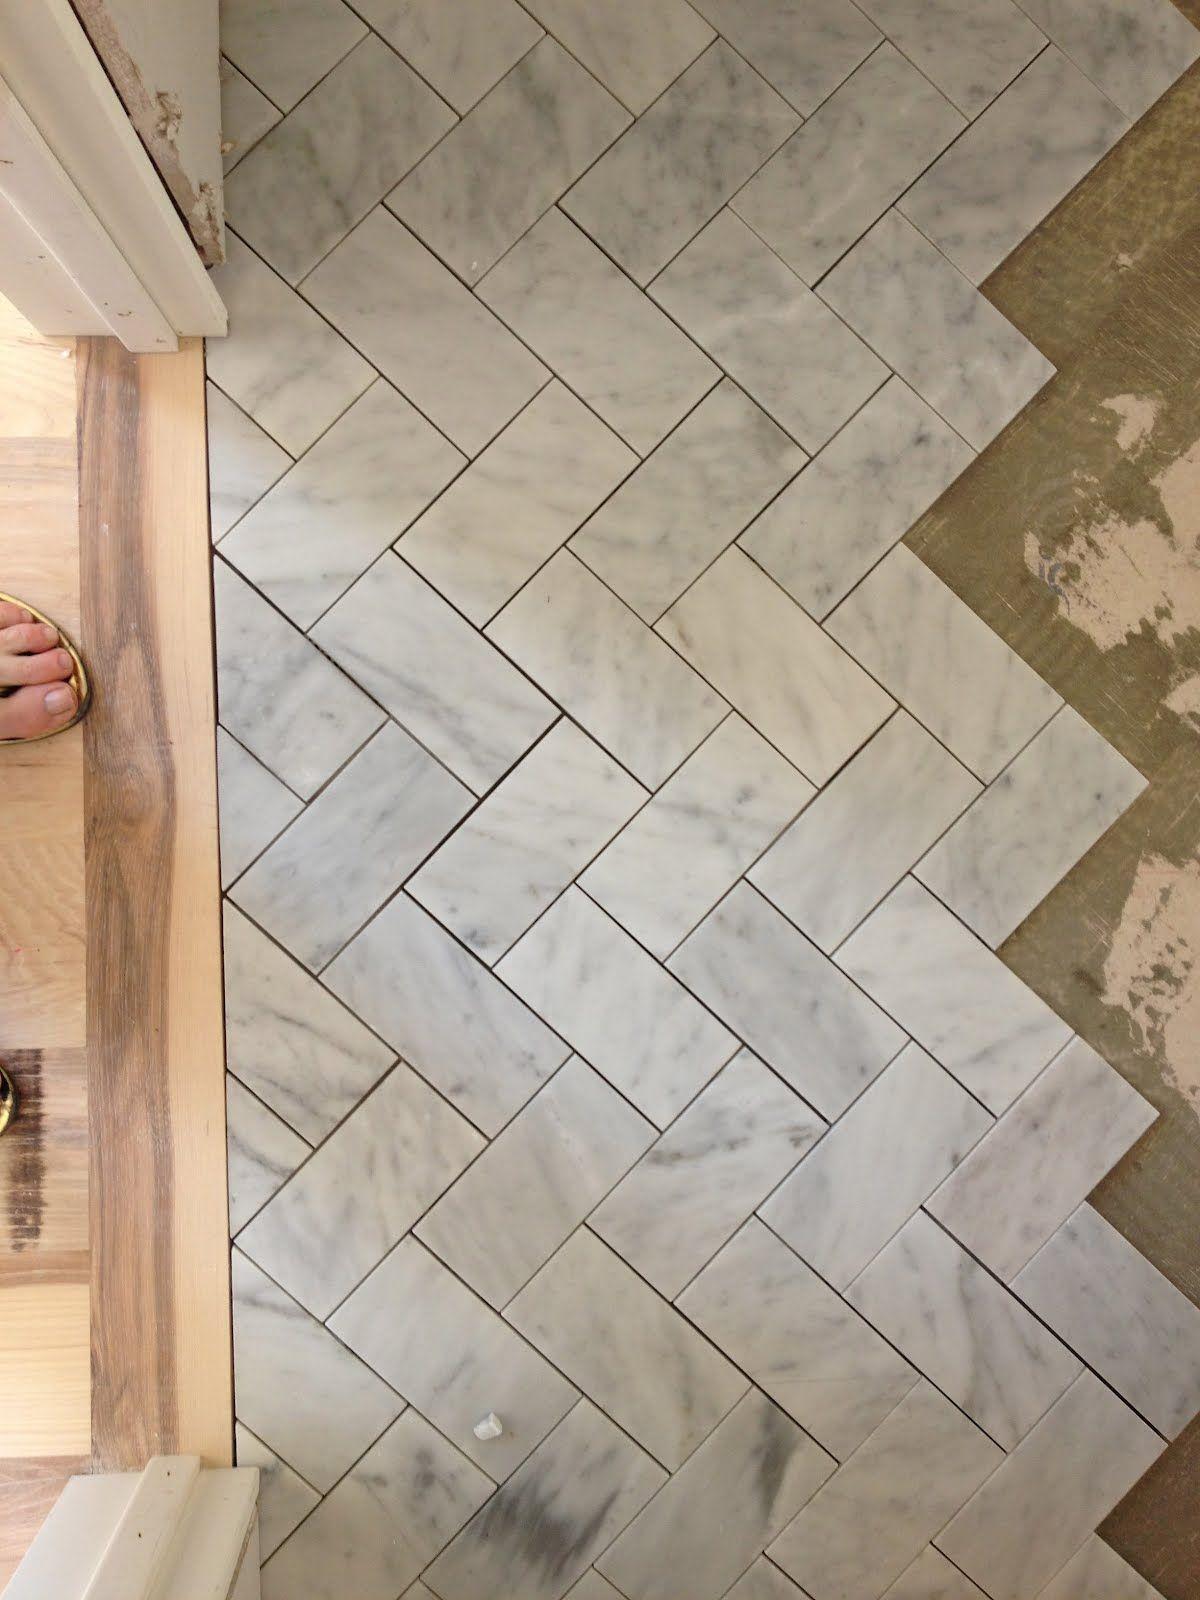 - Subway Tile In A Herringbone Pattern On The Floor Or Backsplash